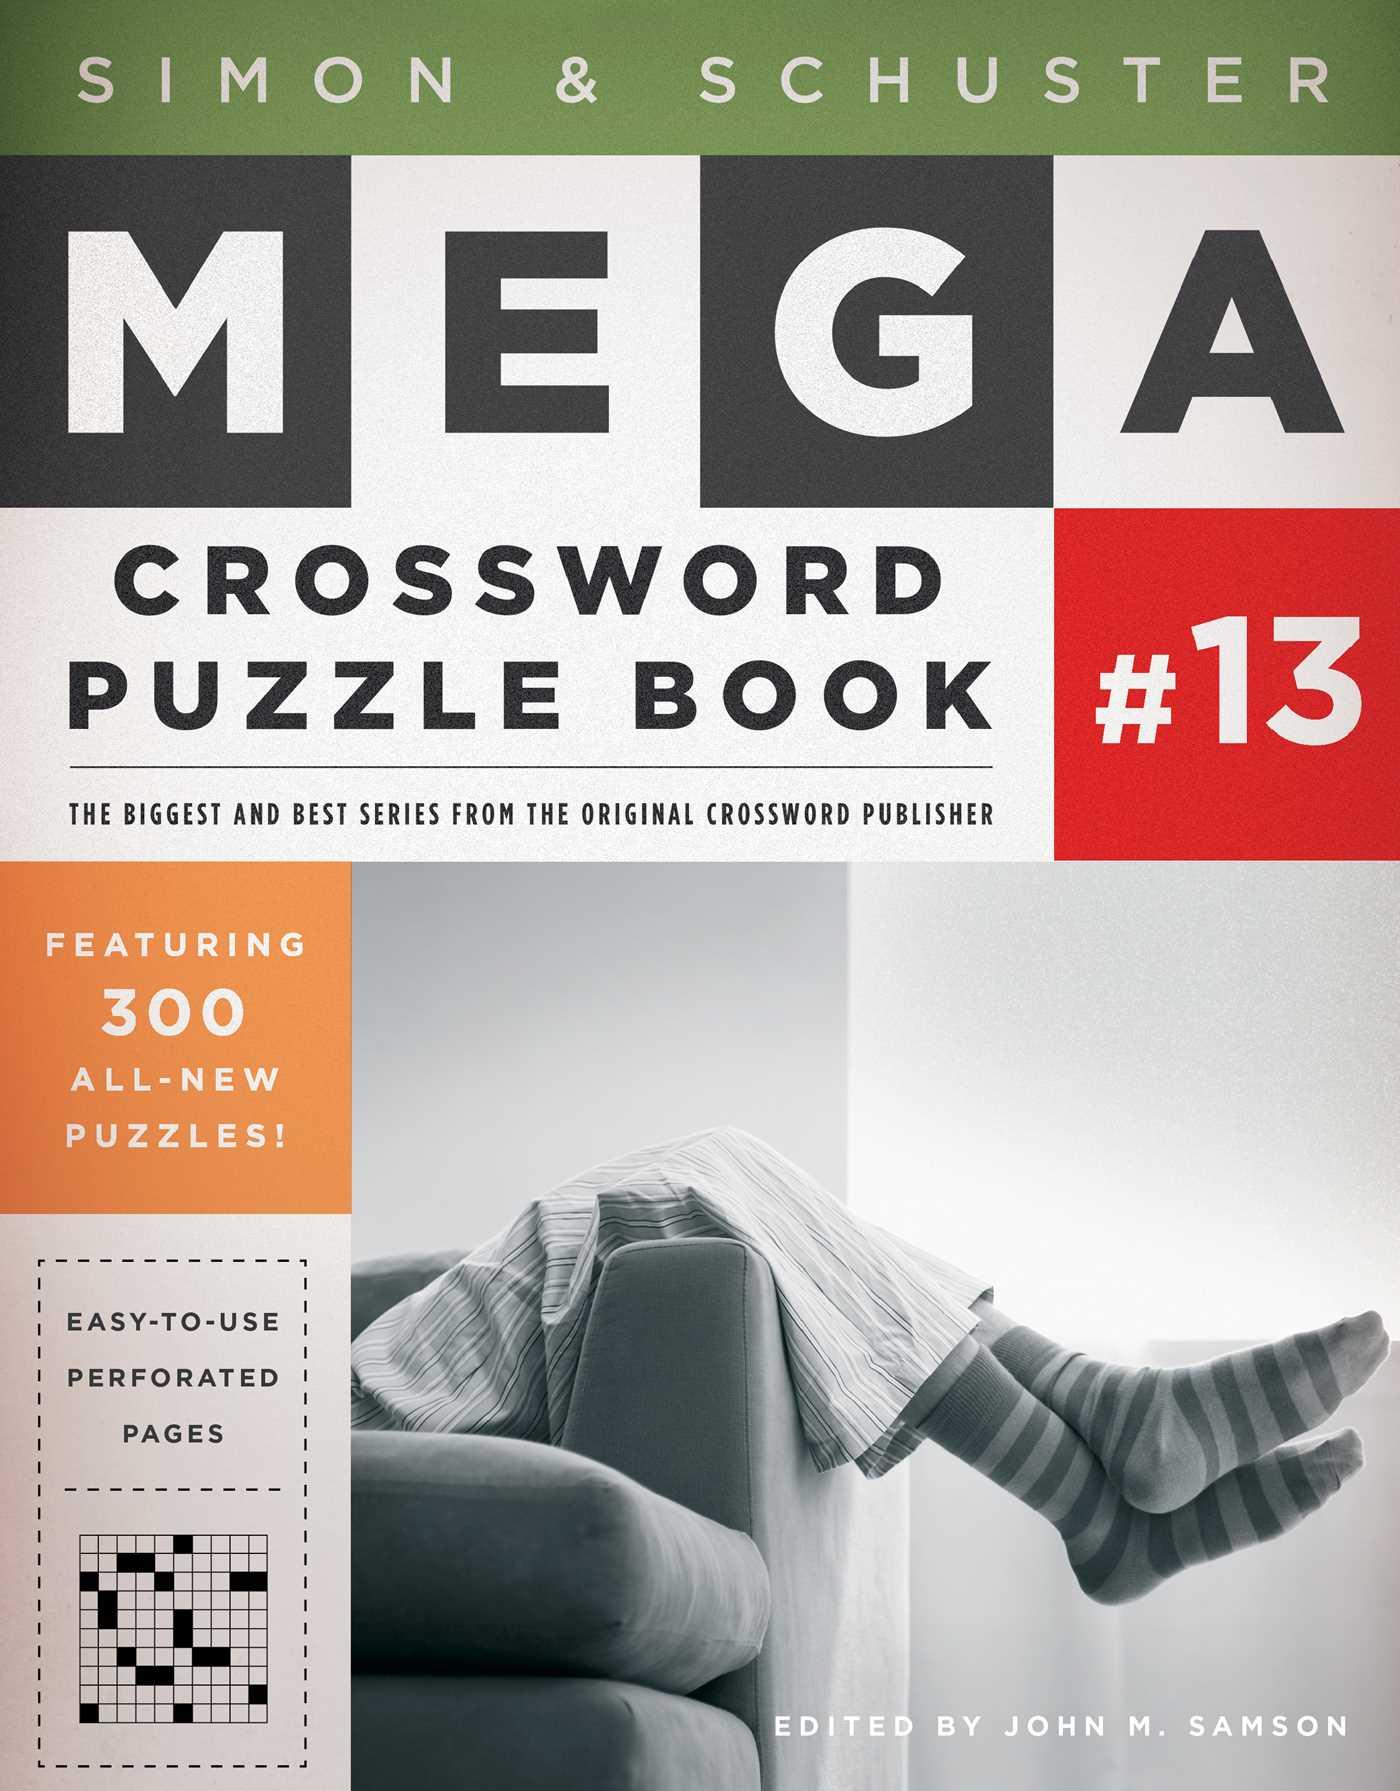 Simon schuster mega crossword puzzle book 13 9781451688016 hr